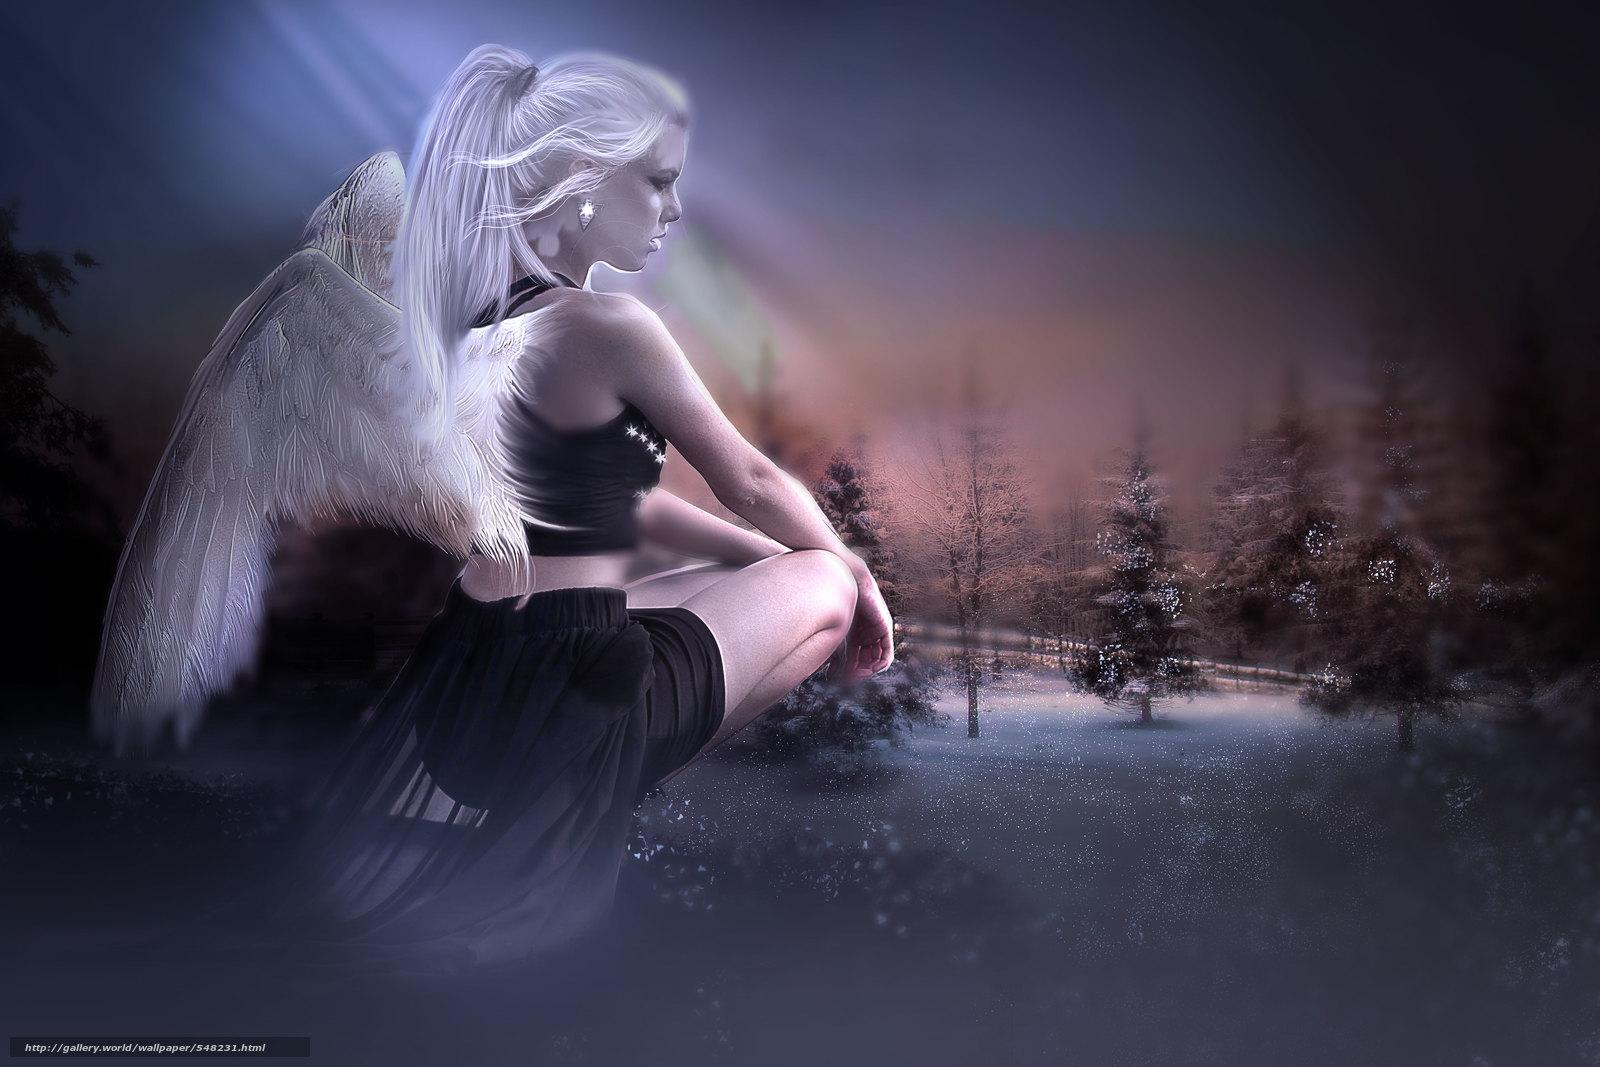 Download wallpaper girl angel 3d desktop wallpaper in the 1600x1067